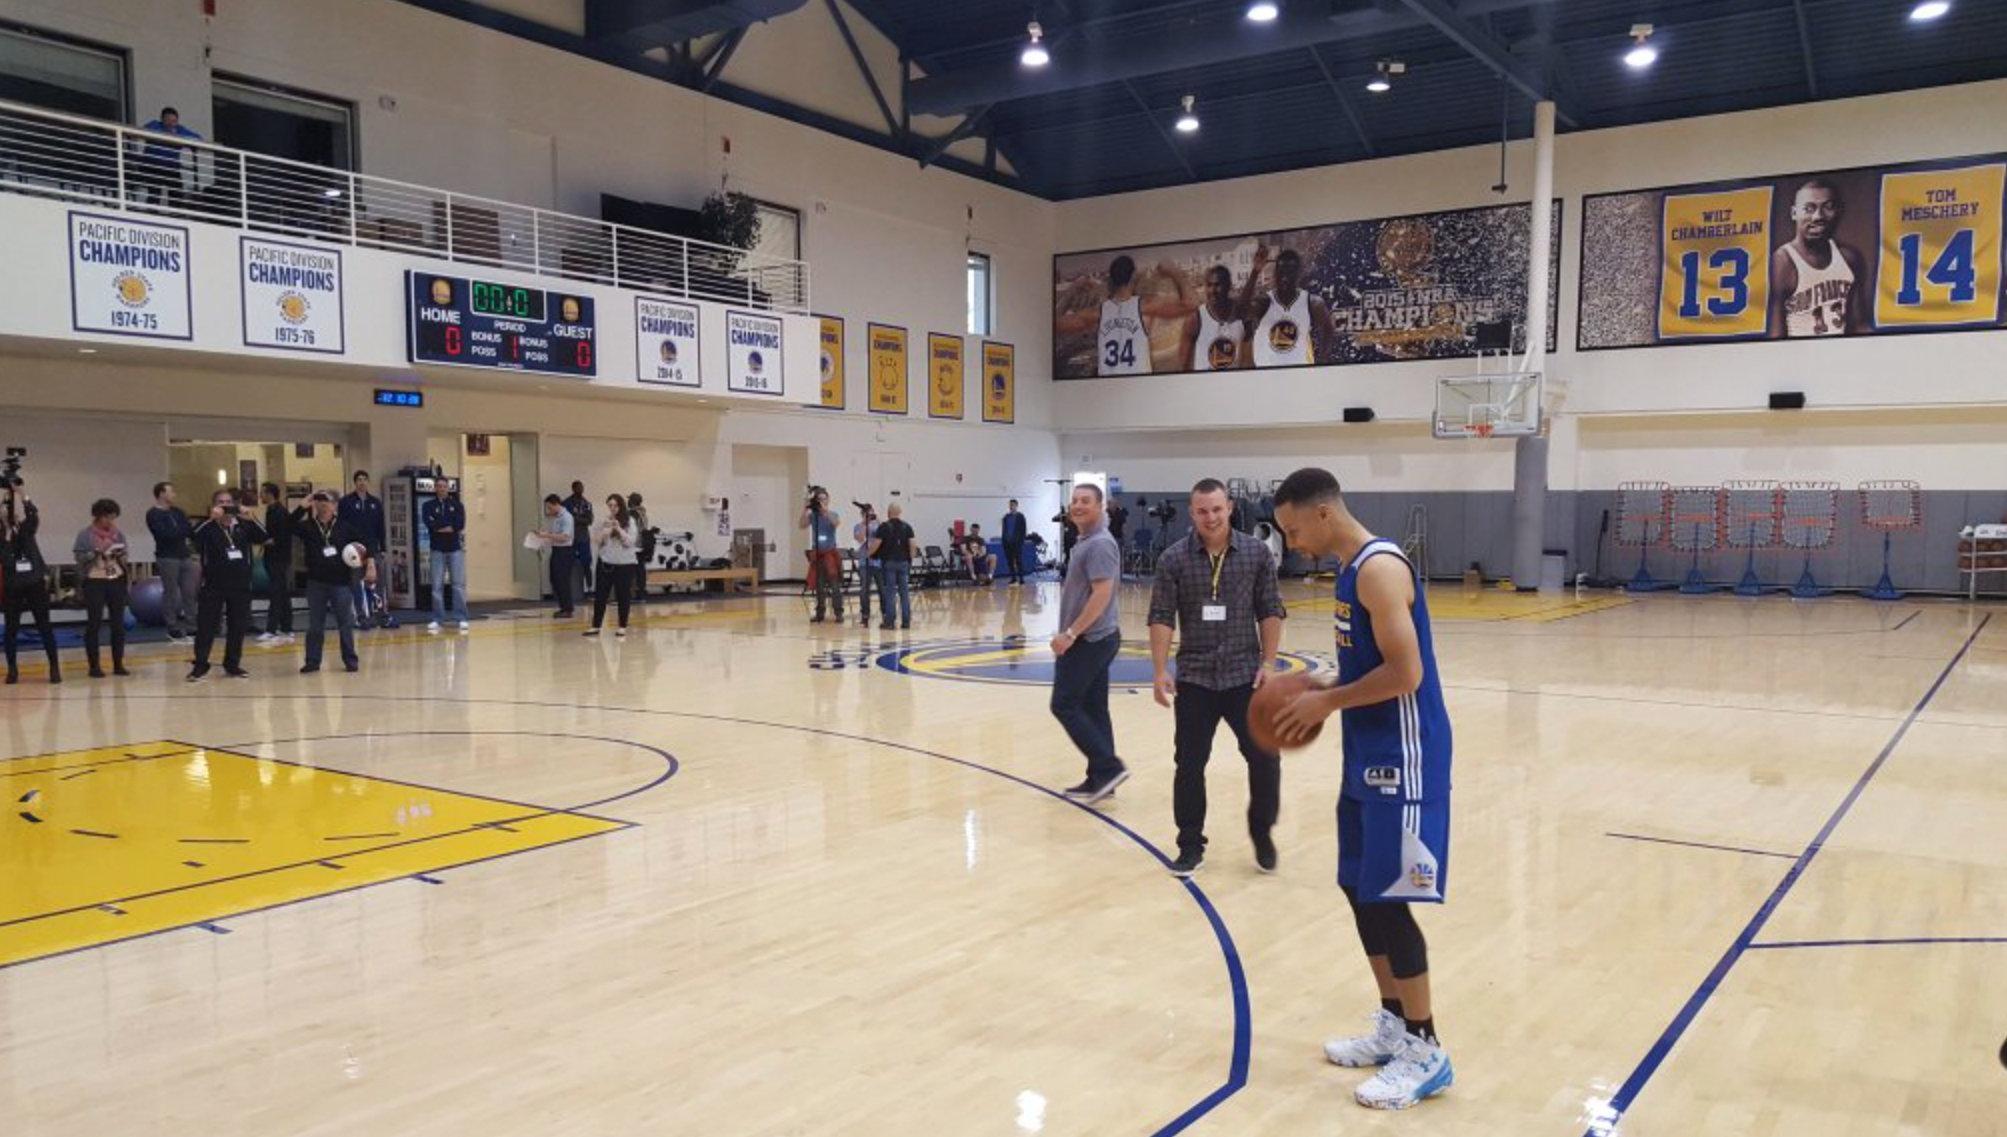 Golden State Warriors practice